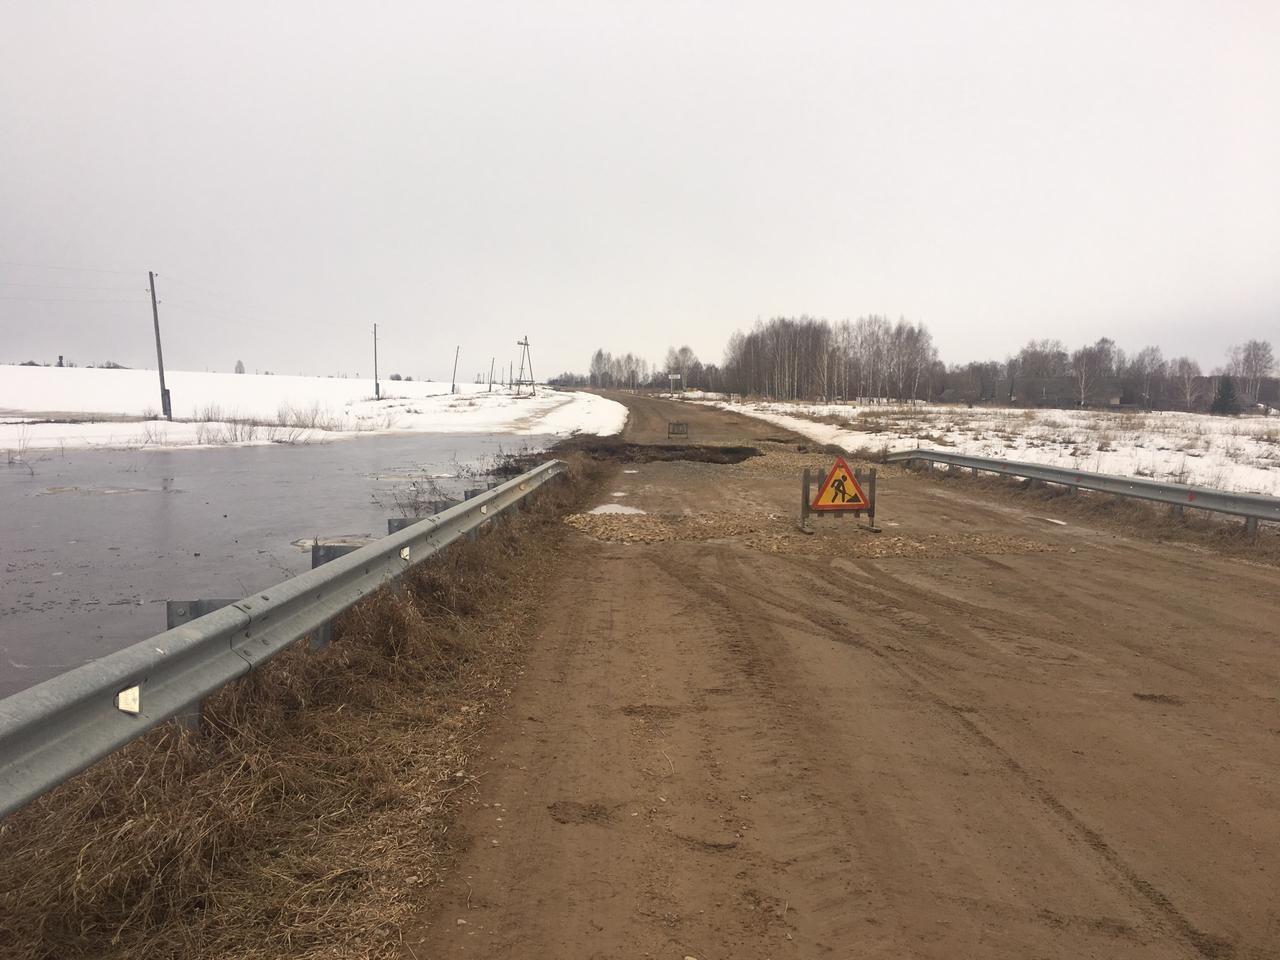 Размыв участка дорожного полотна автомобильной дороги в Пижанском районе